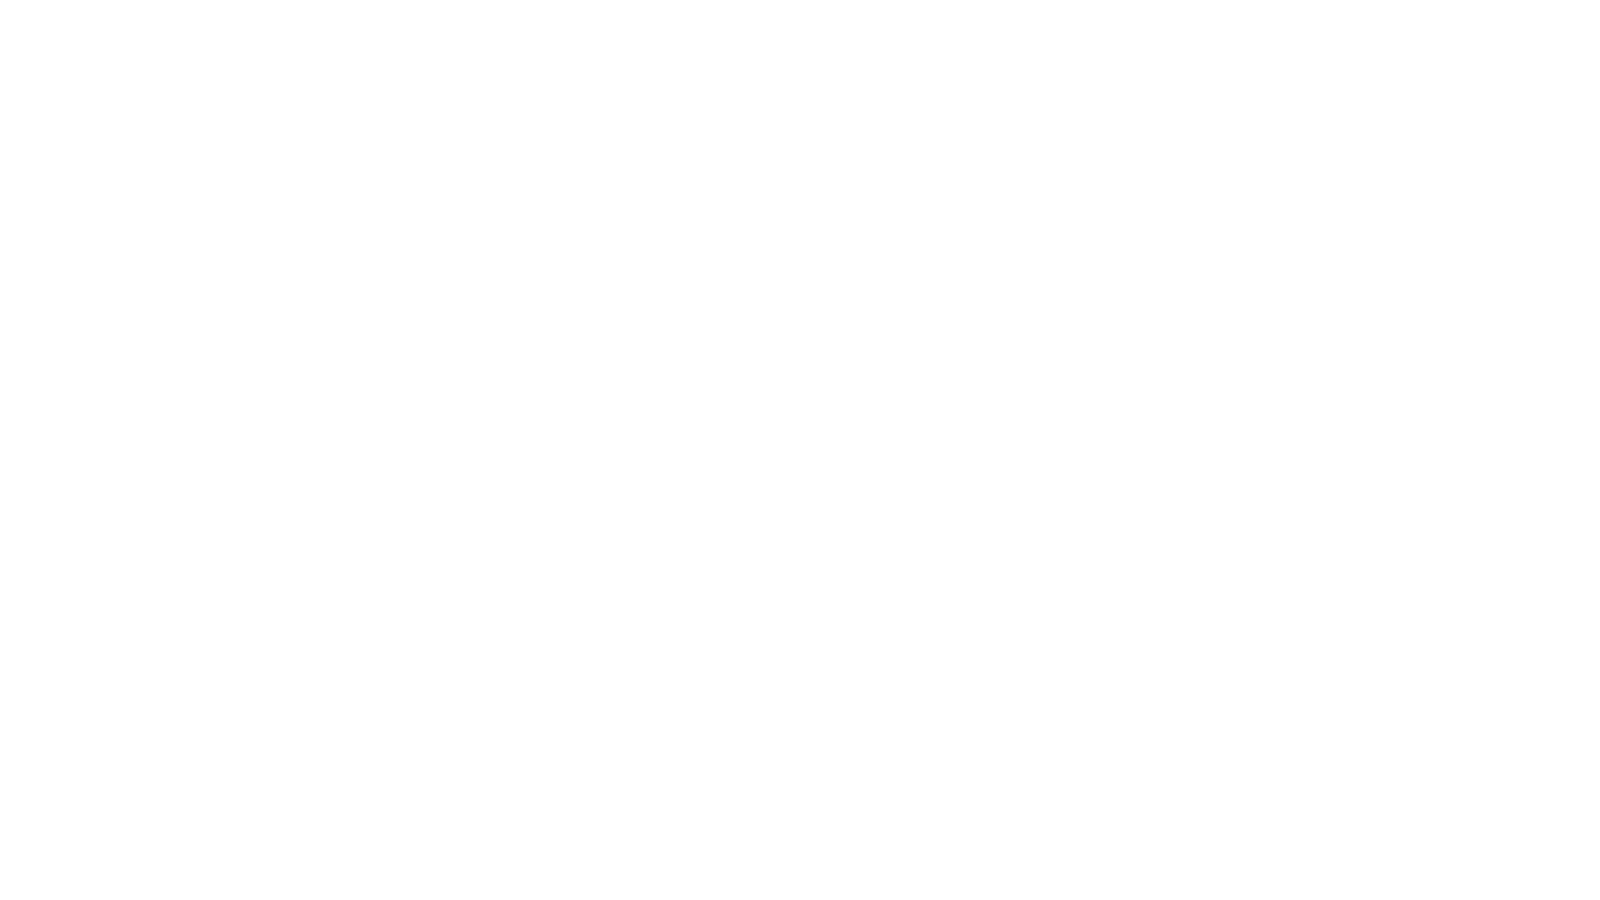 Yksi maali erottaa Lahden Reippaan ja vierasjoukkueen PEPOn. Ottelun tallenteessa oli ongelmia äänen ja kuvan kanssa!Ottelukooste pelistä Lahden Reipas - PEPO (0-1). Ottelu pelattiin 4.9.2021 Lahden Kisapuistossa.